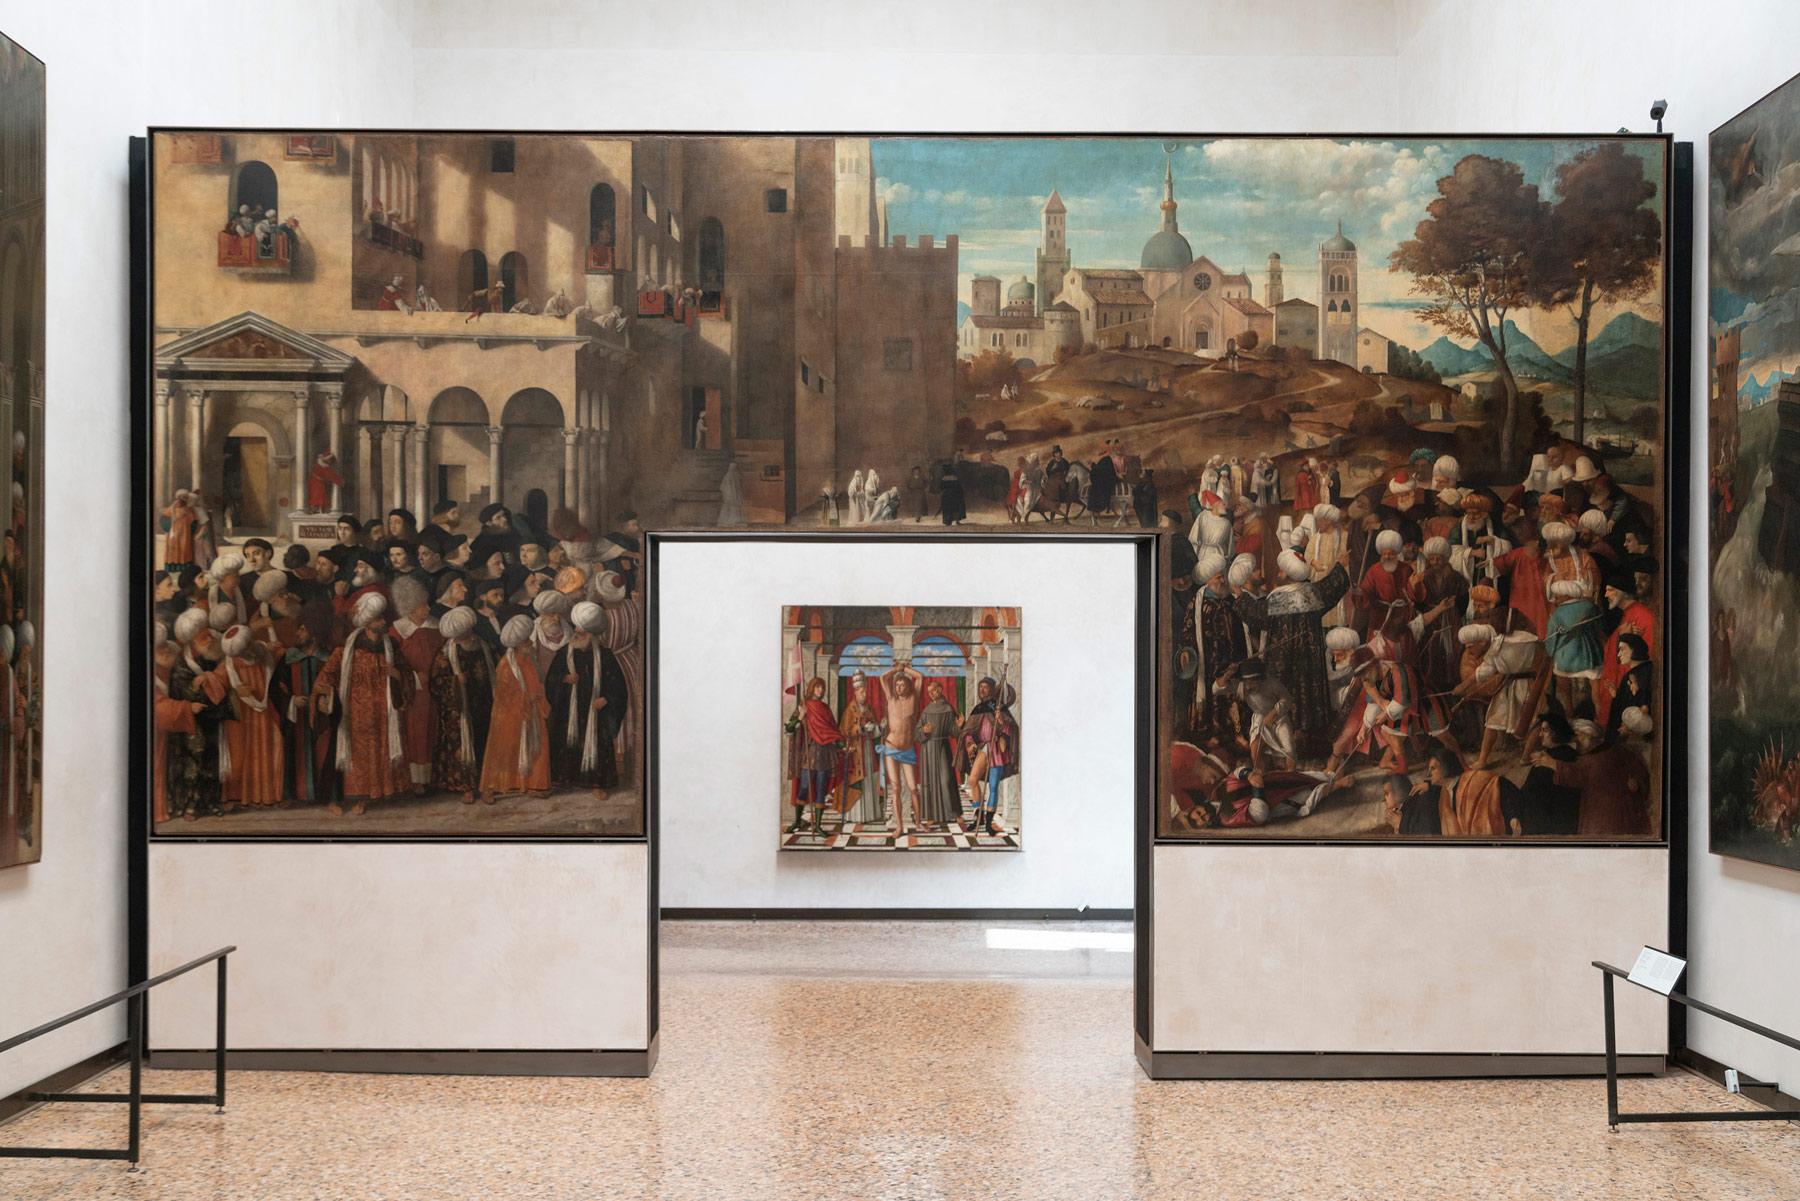 Alle Gallerie dell'Accademia di Venezia aprono le nuove sale del Cinquecento. Le foto